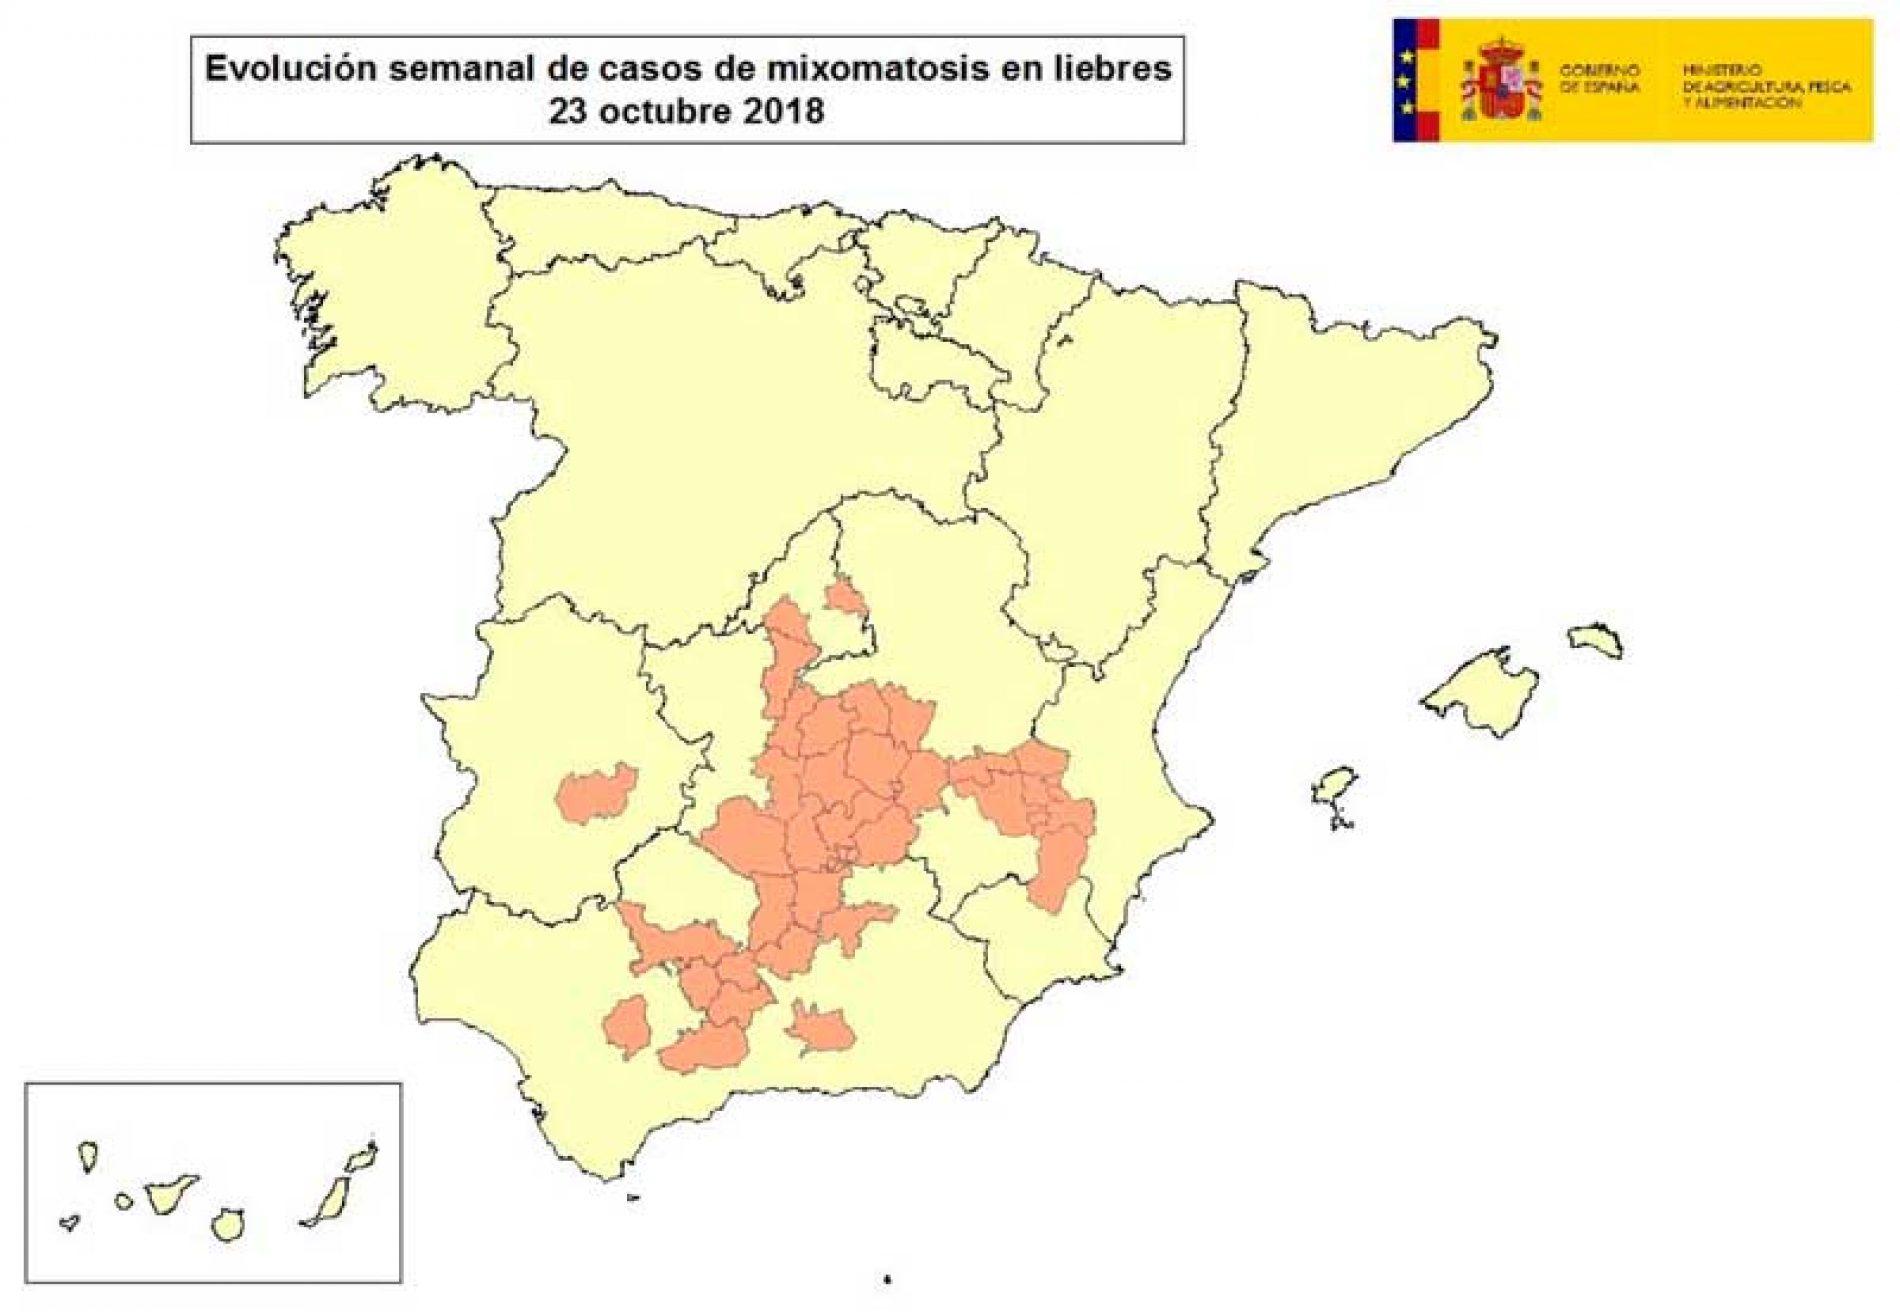 La mixomatosis alcanza ya a liebres de 12 provincias en 5 comunidades